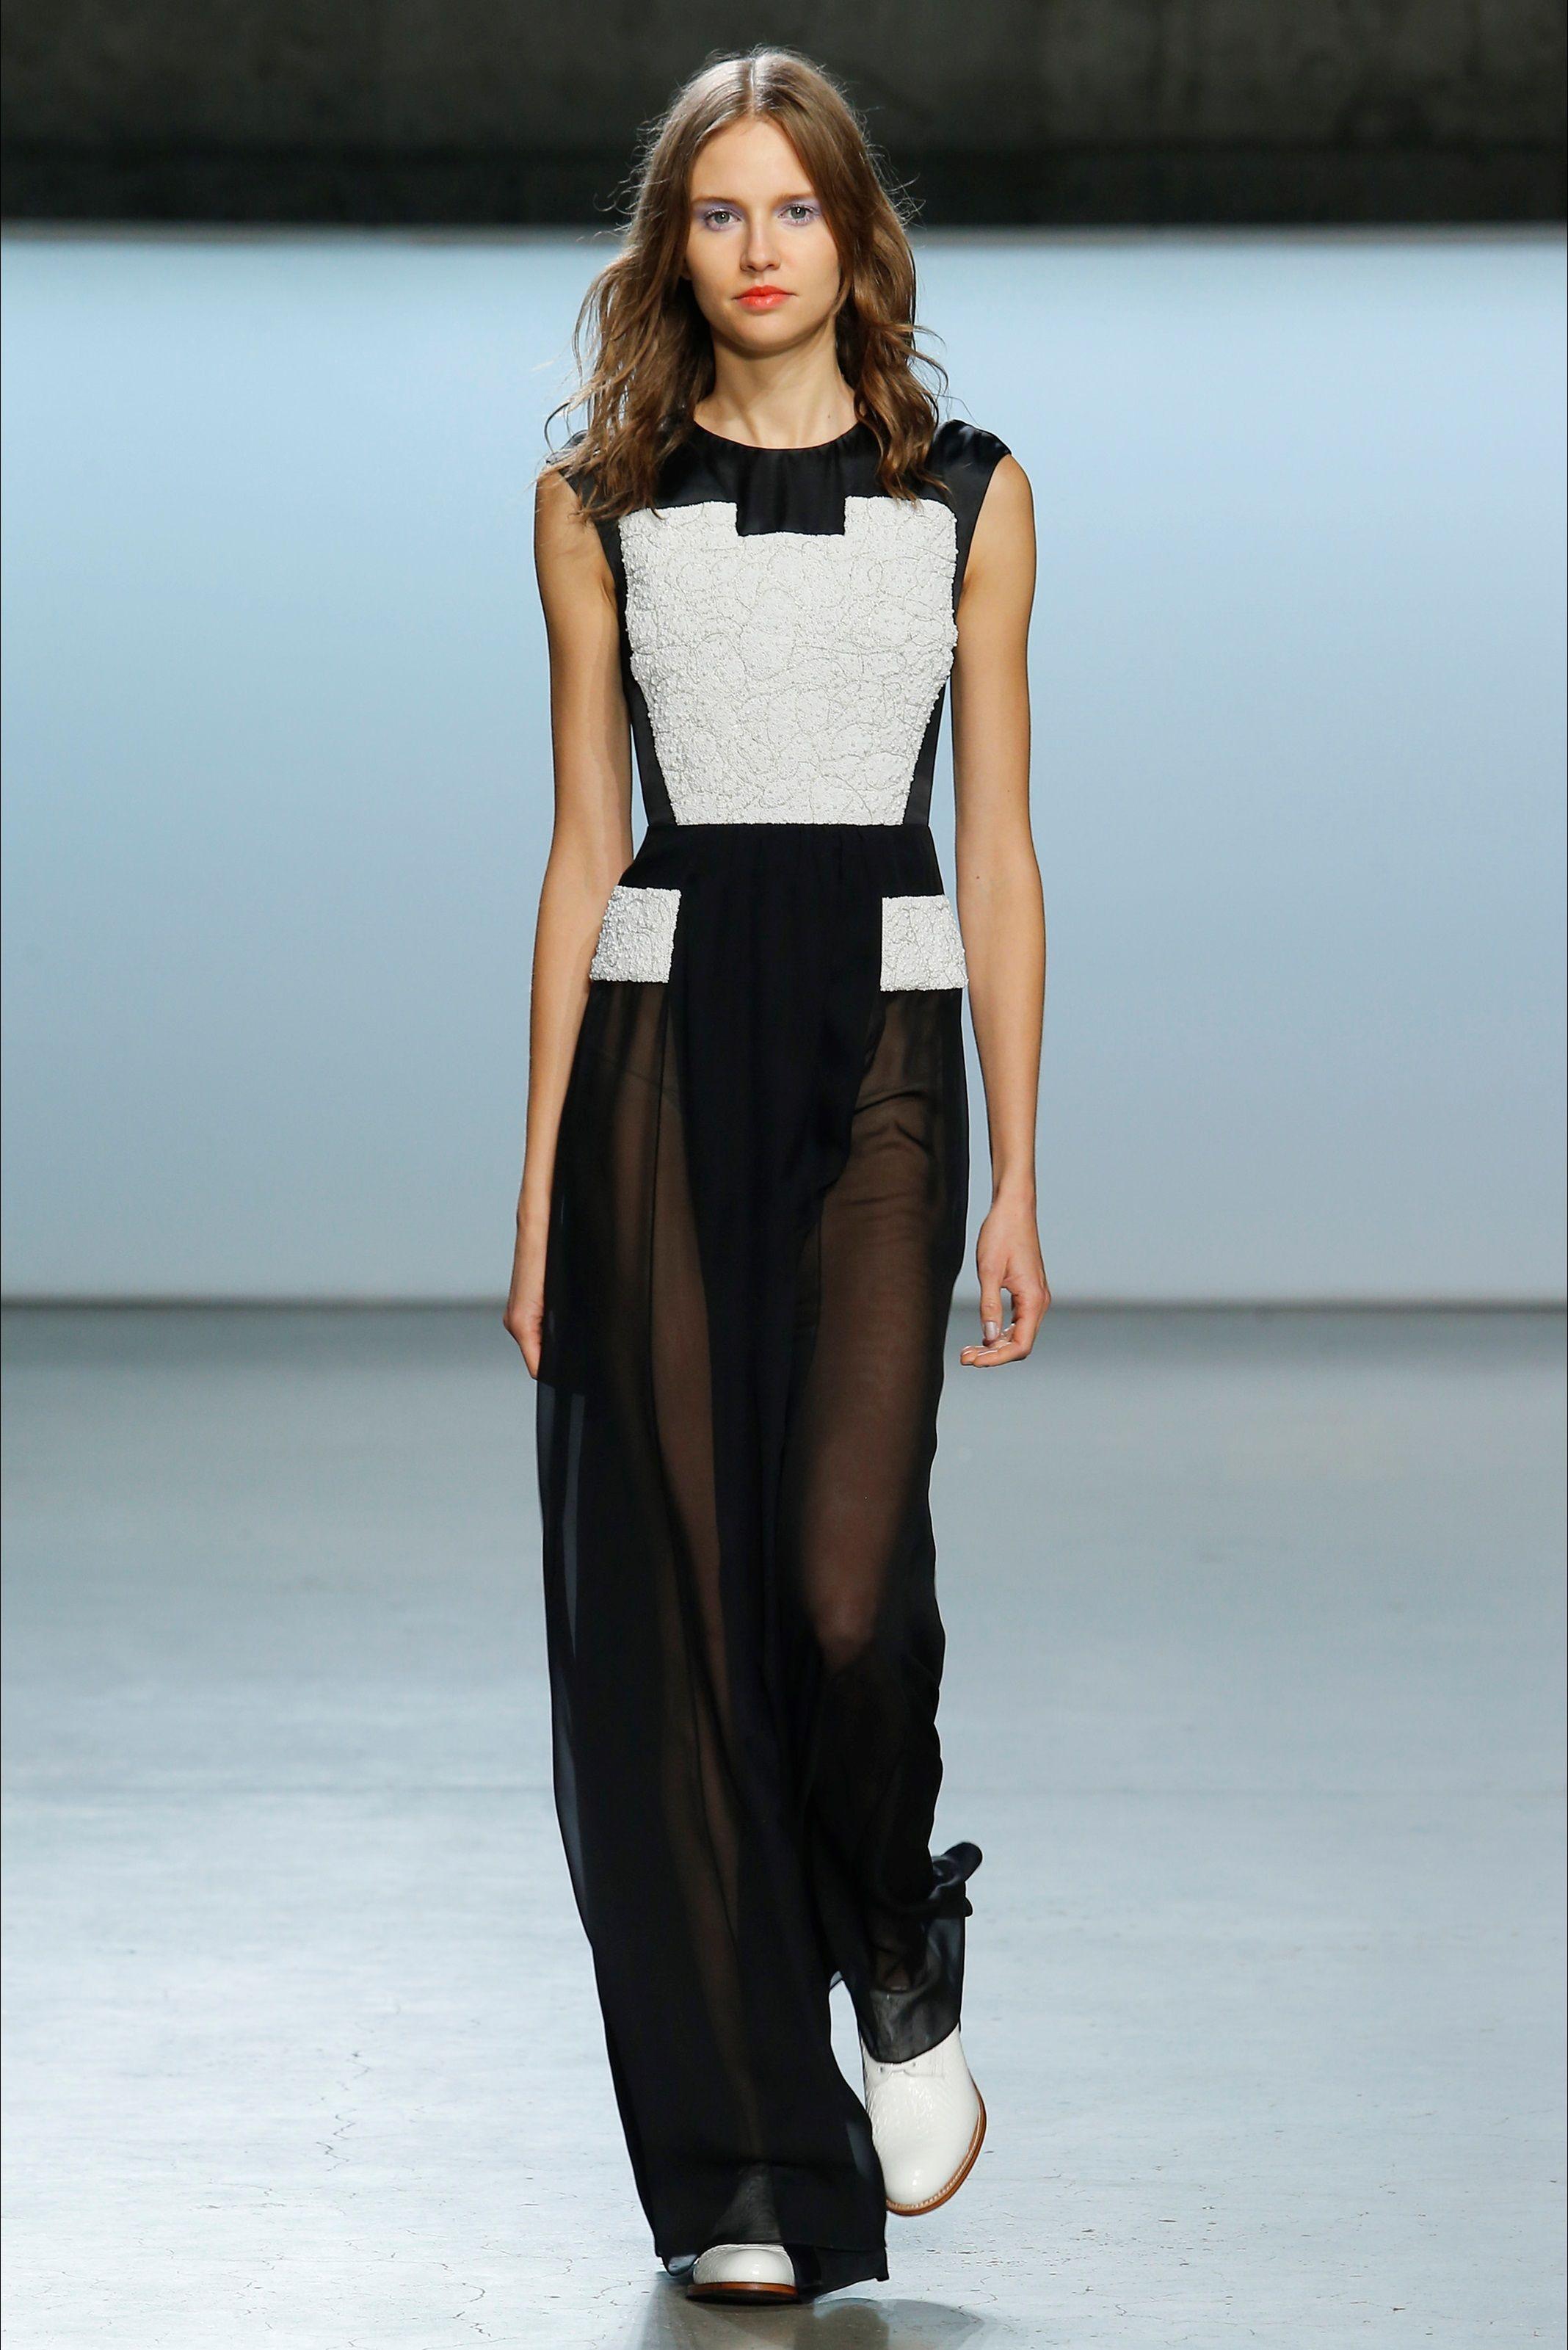 b16b2b5c5855d Sfilata Sally LaPointe New York - Collezioni Primavera Estate 2015 - Vogue